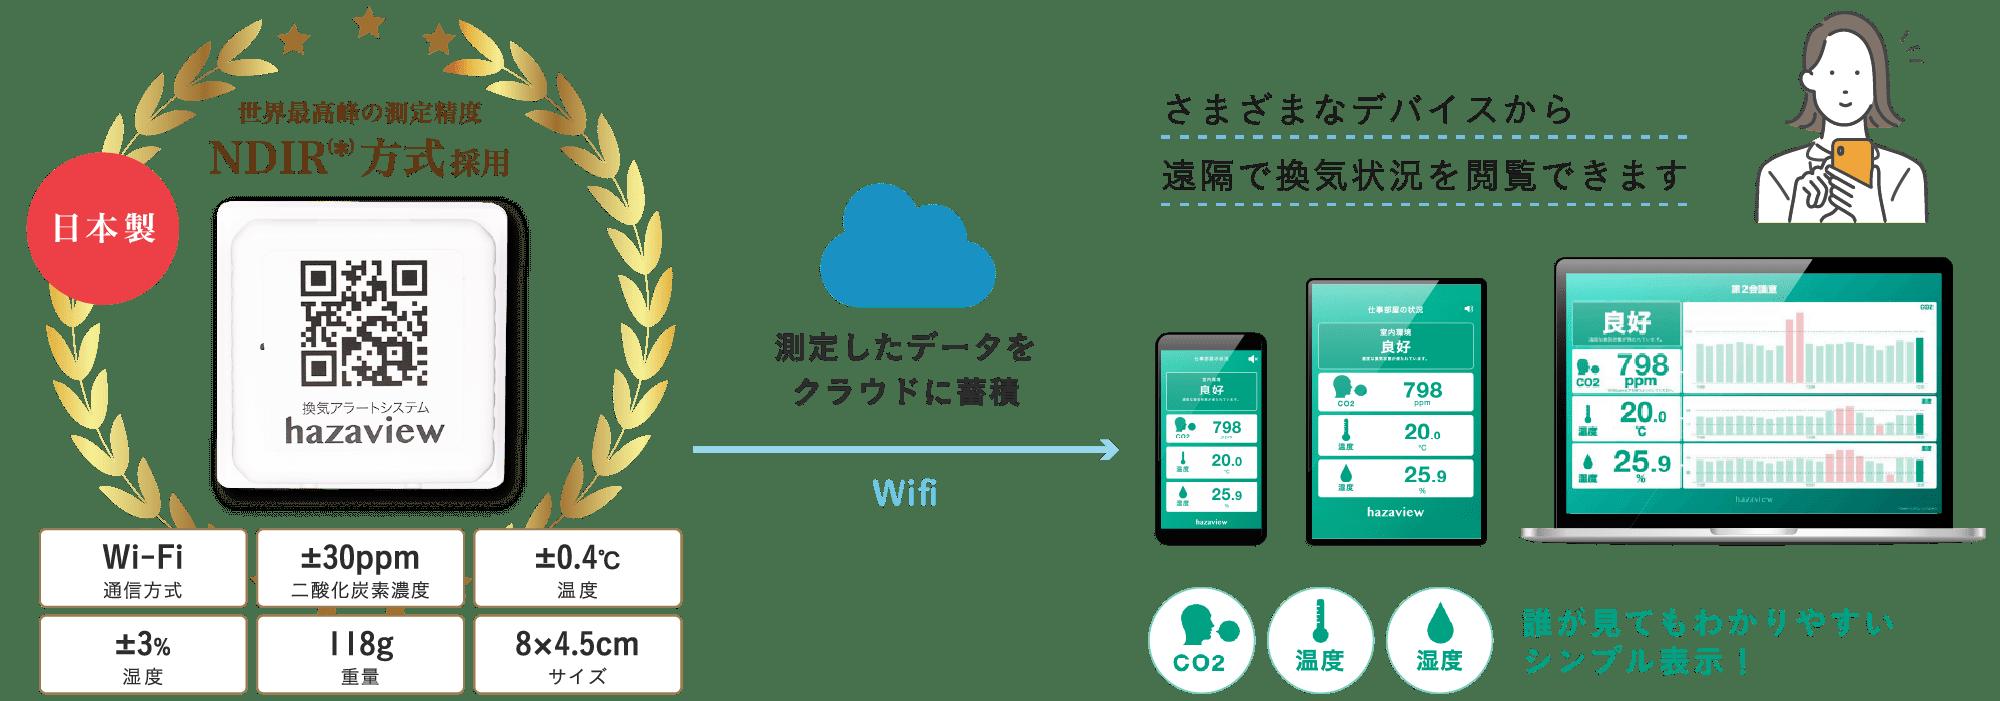 二酸化炭素濃度計(CO2センサー)の測定値をスマートフォンで換気状況が閲覧できます